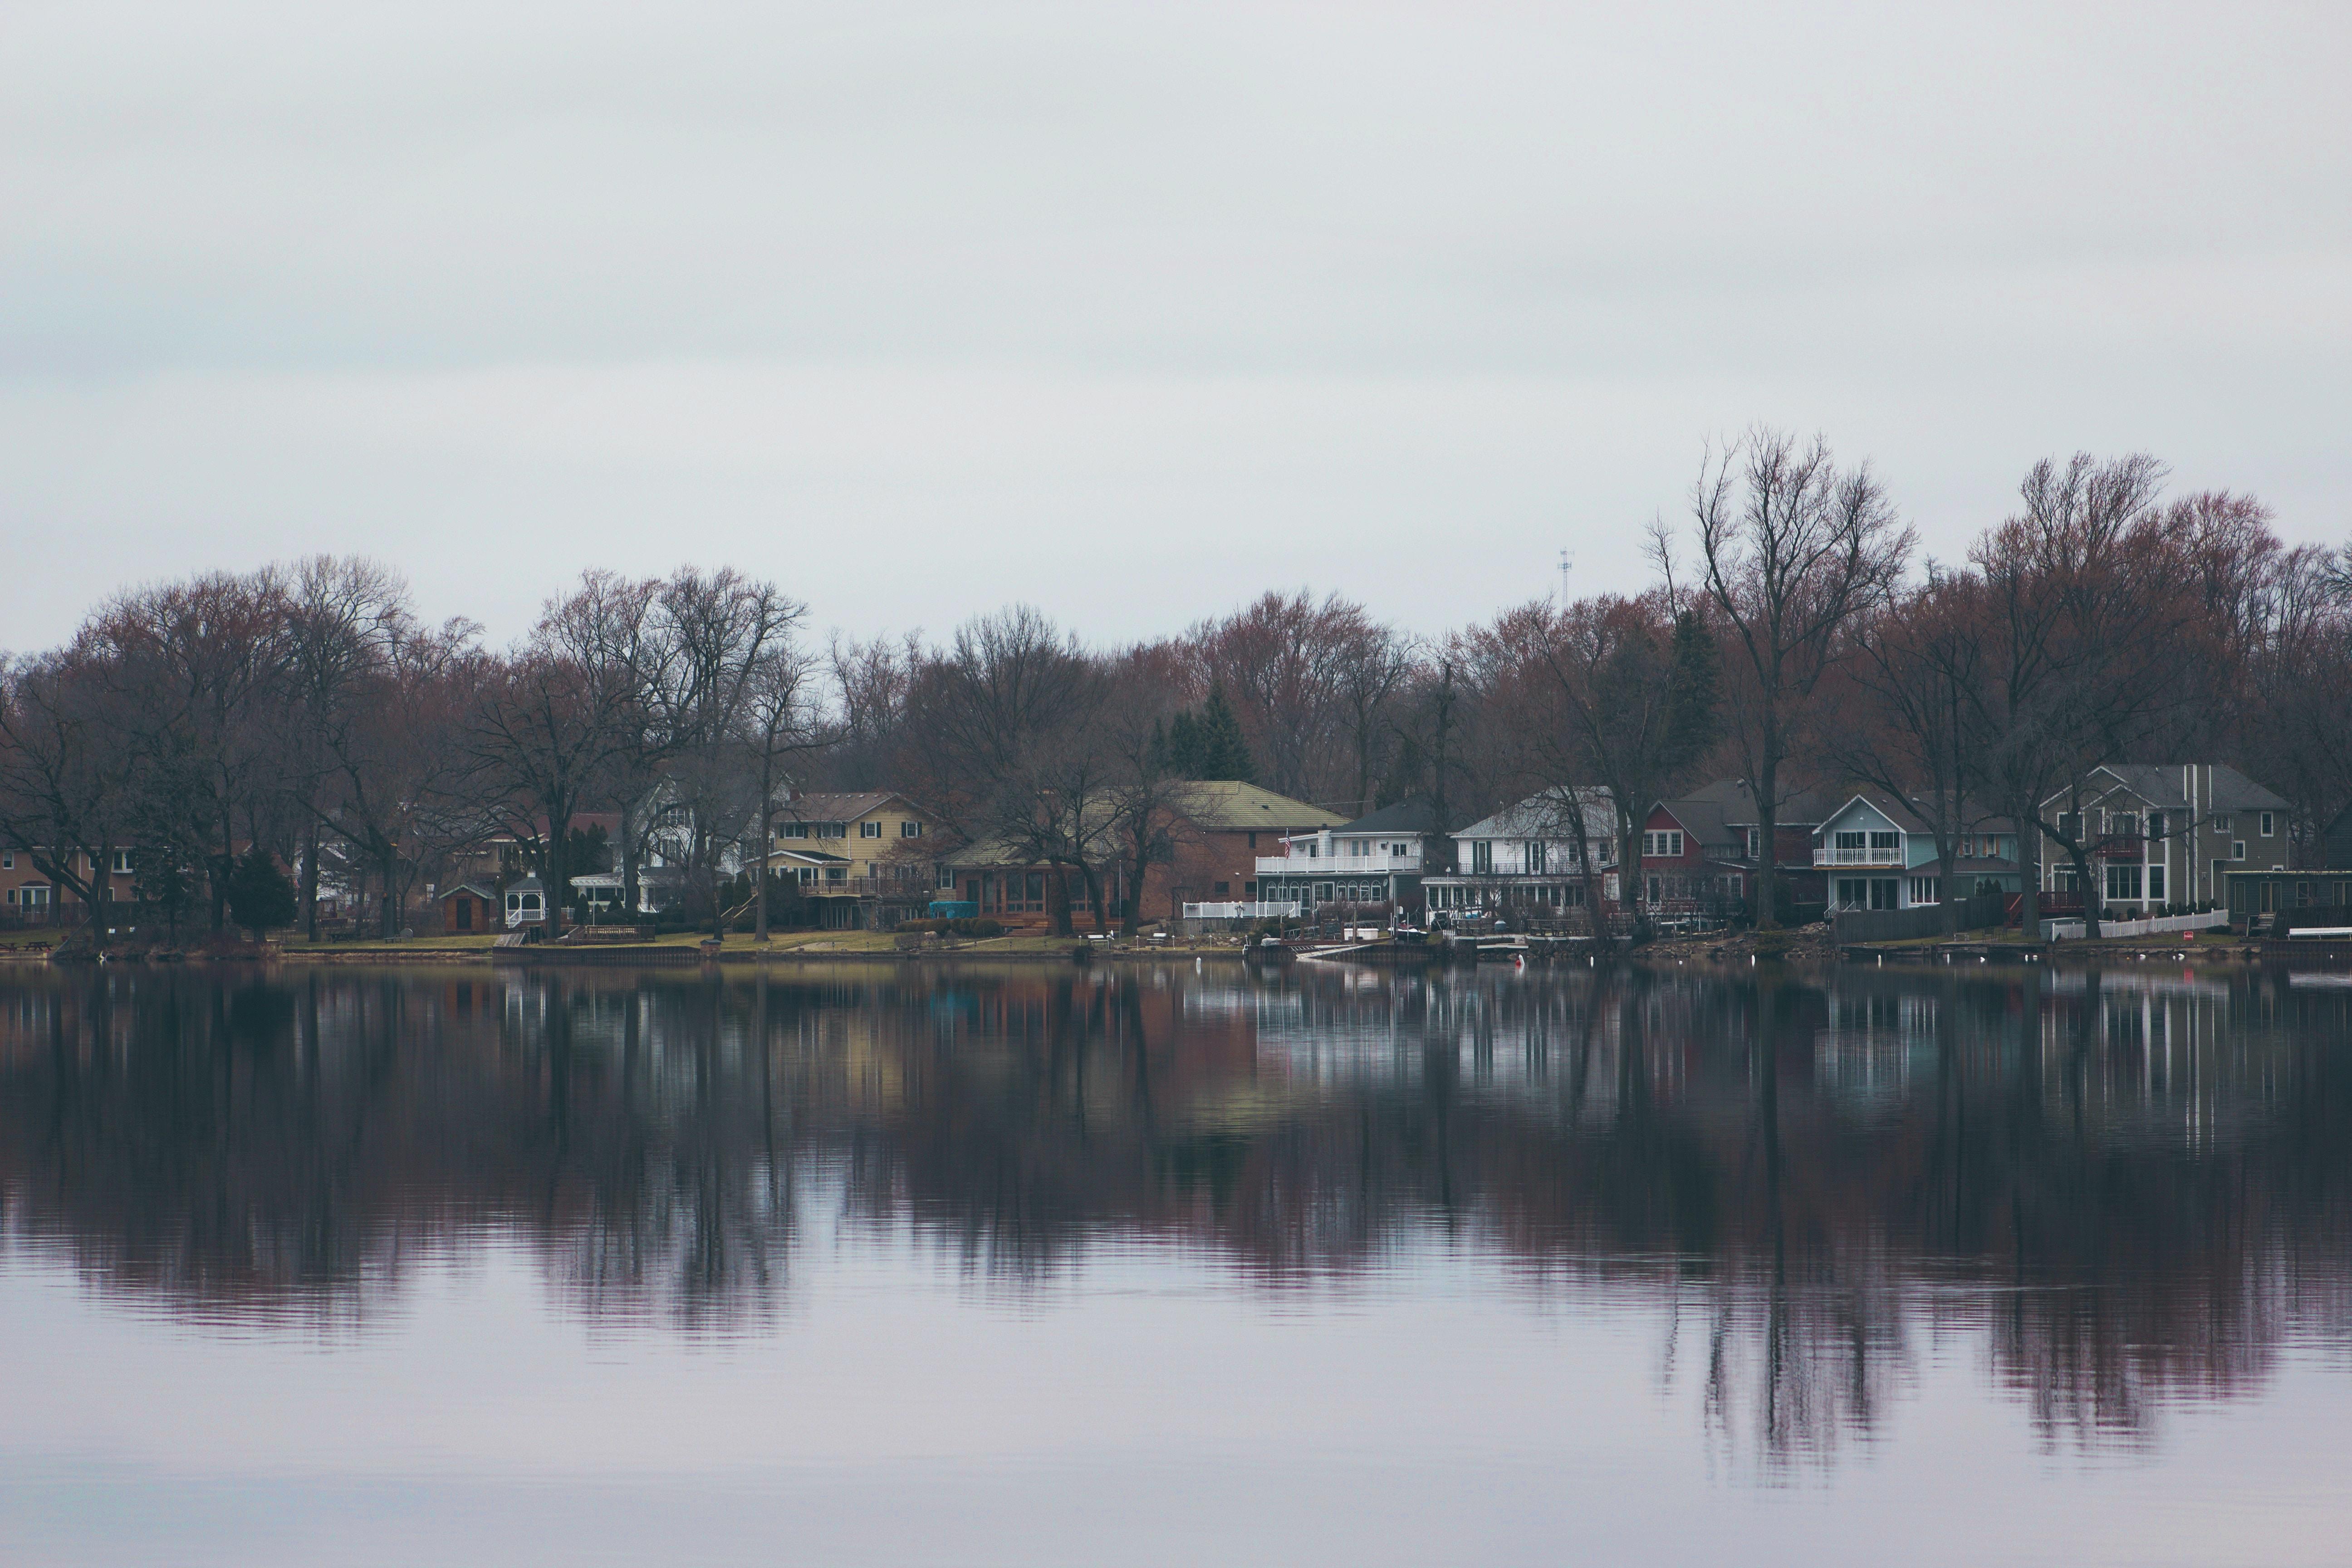 houses near lake during daytime